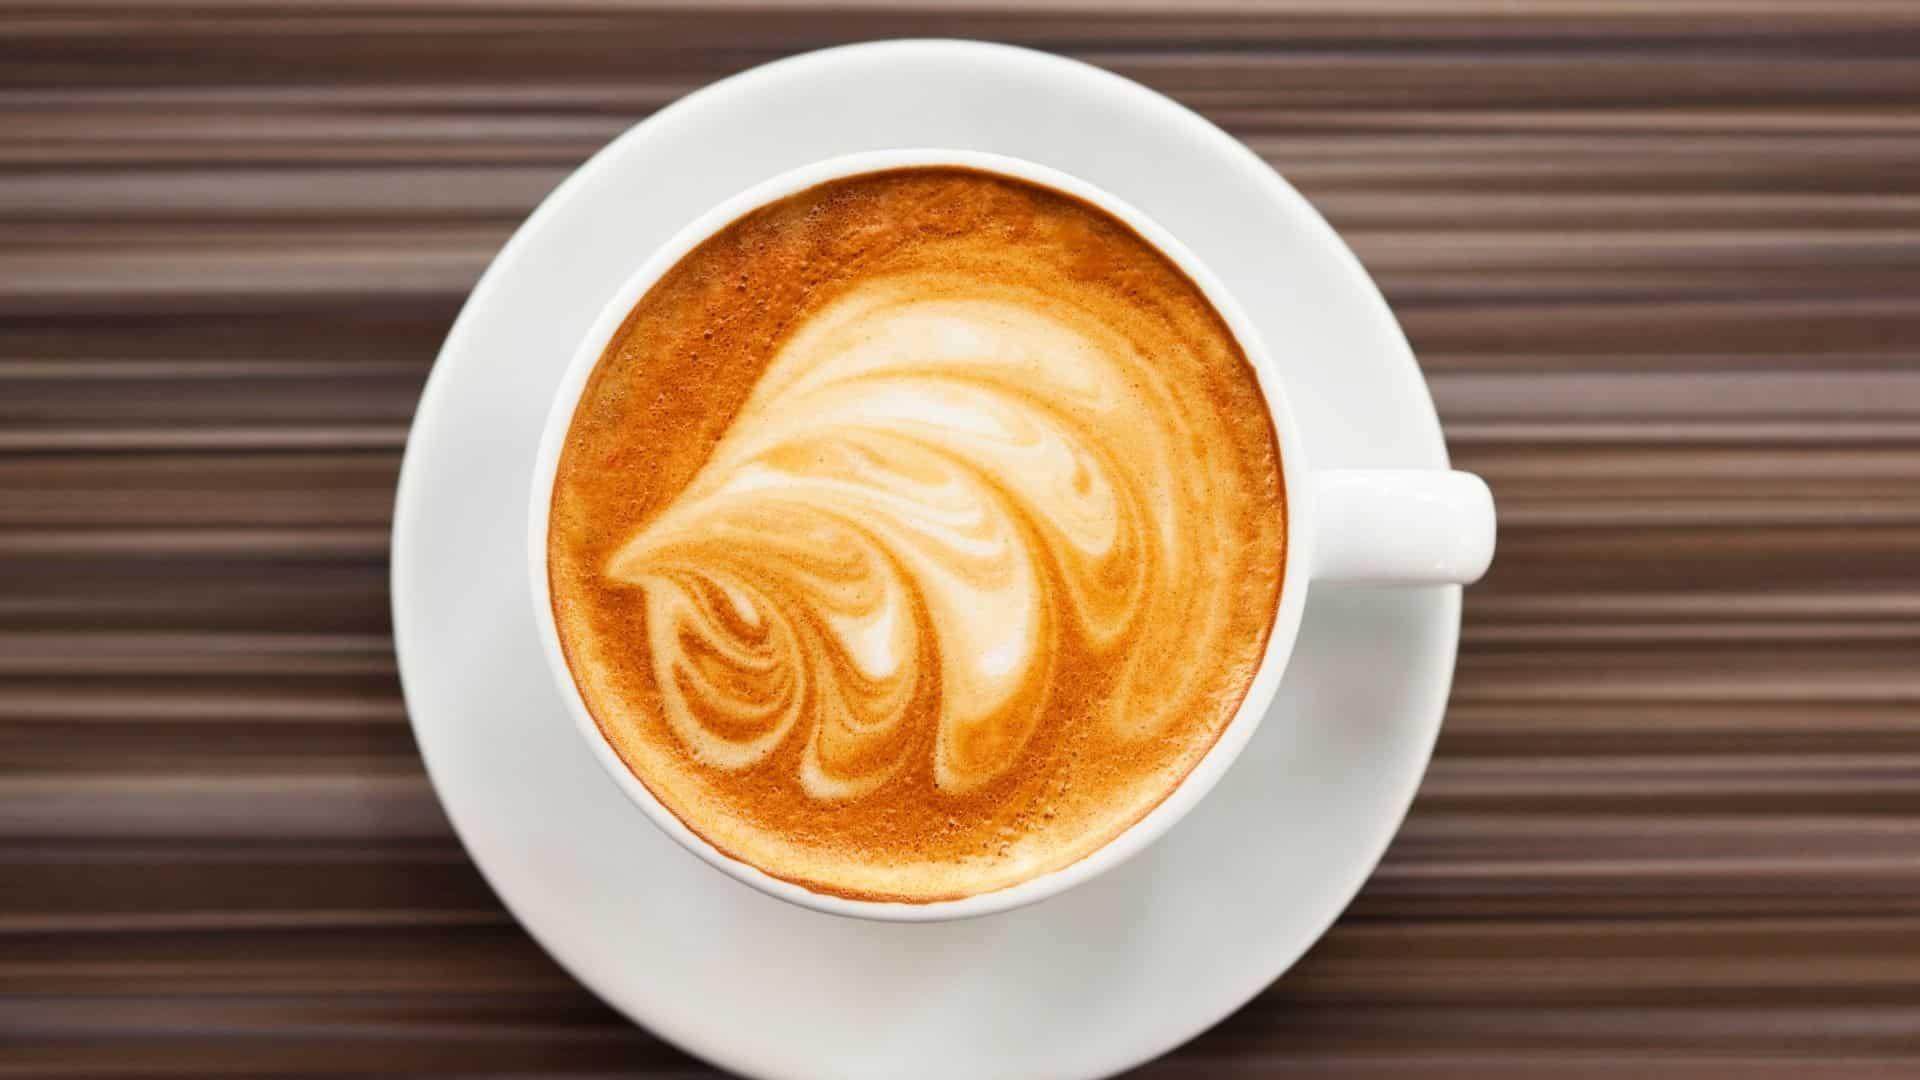 Flat white kávé? Sorban állsz, és gyorsan megpróbálod kitalálni a menüt, az italok többségét, amelyekről még soha nem hallottál. A barista átadja az előtted lévő srácnak az italát, majd felnéz rád. Mielőtt kitalálta, mit akar, a barista kéri a megrendelést. Pánikba esve kiáltja a menü első elemét, amelyet lát, egy flat white kávét.